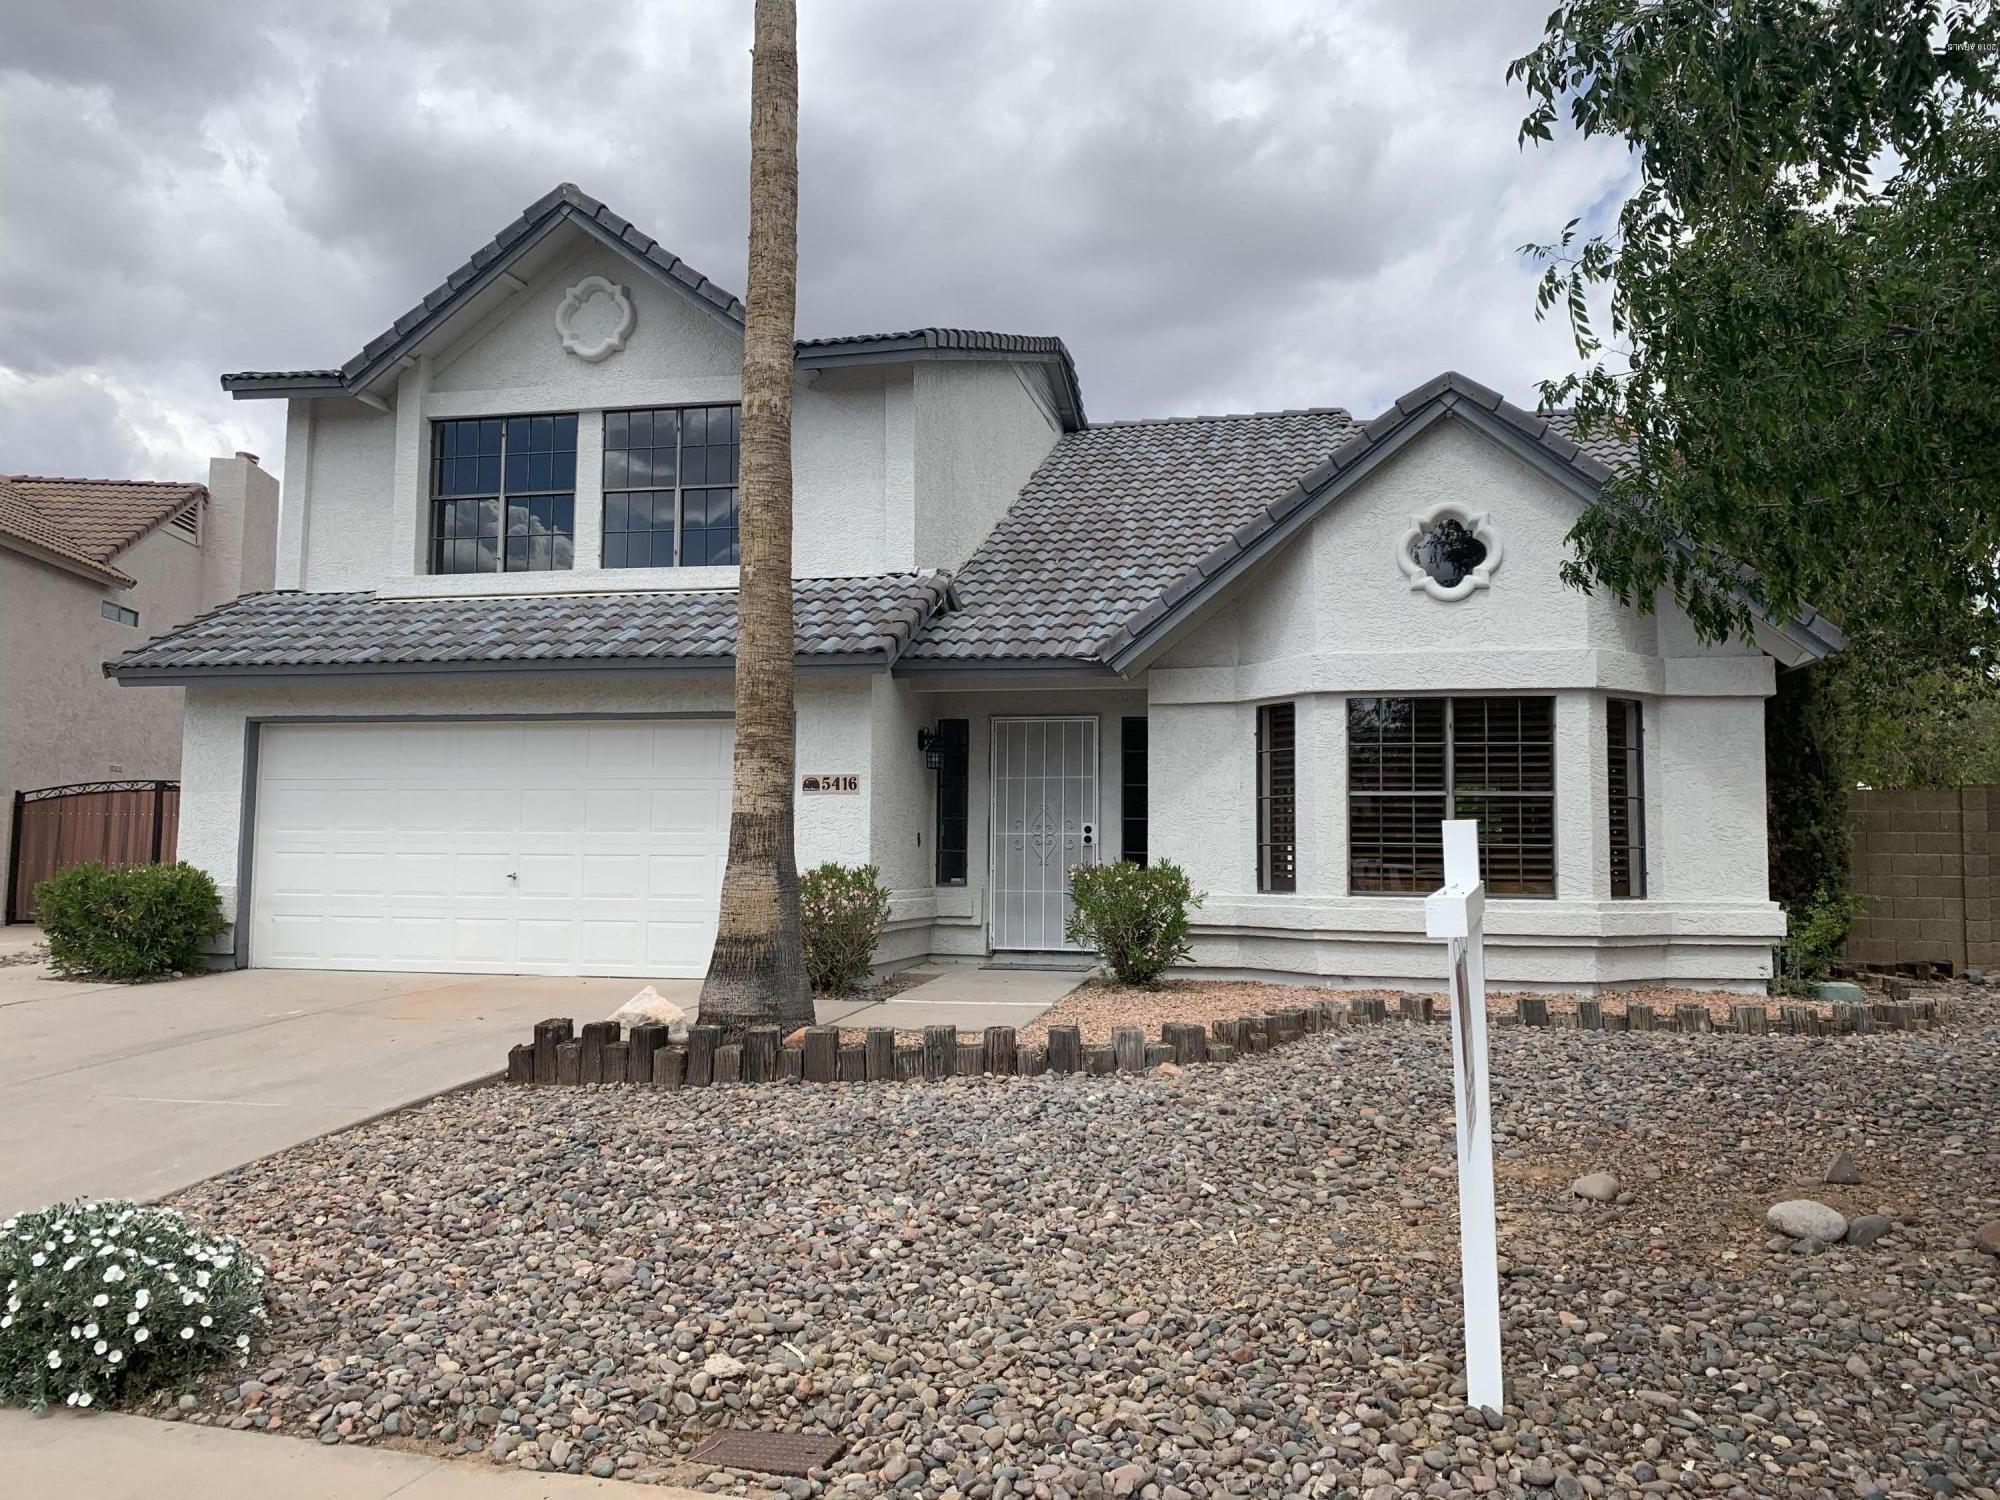 Photo of 5416 E GLENCOVE Street, Mesa, AZ 85205